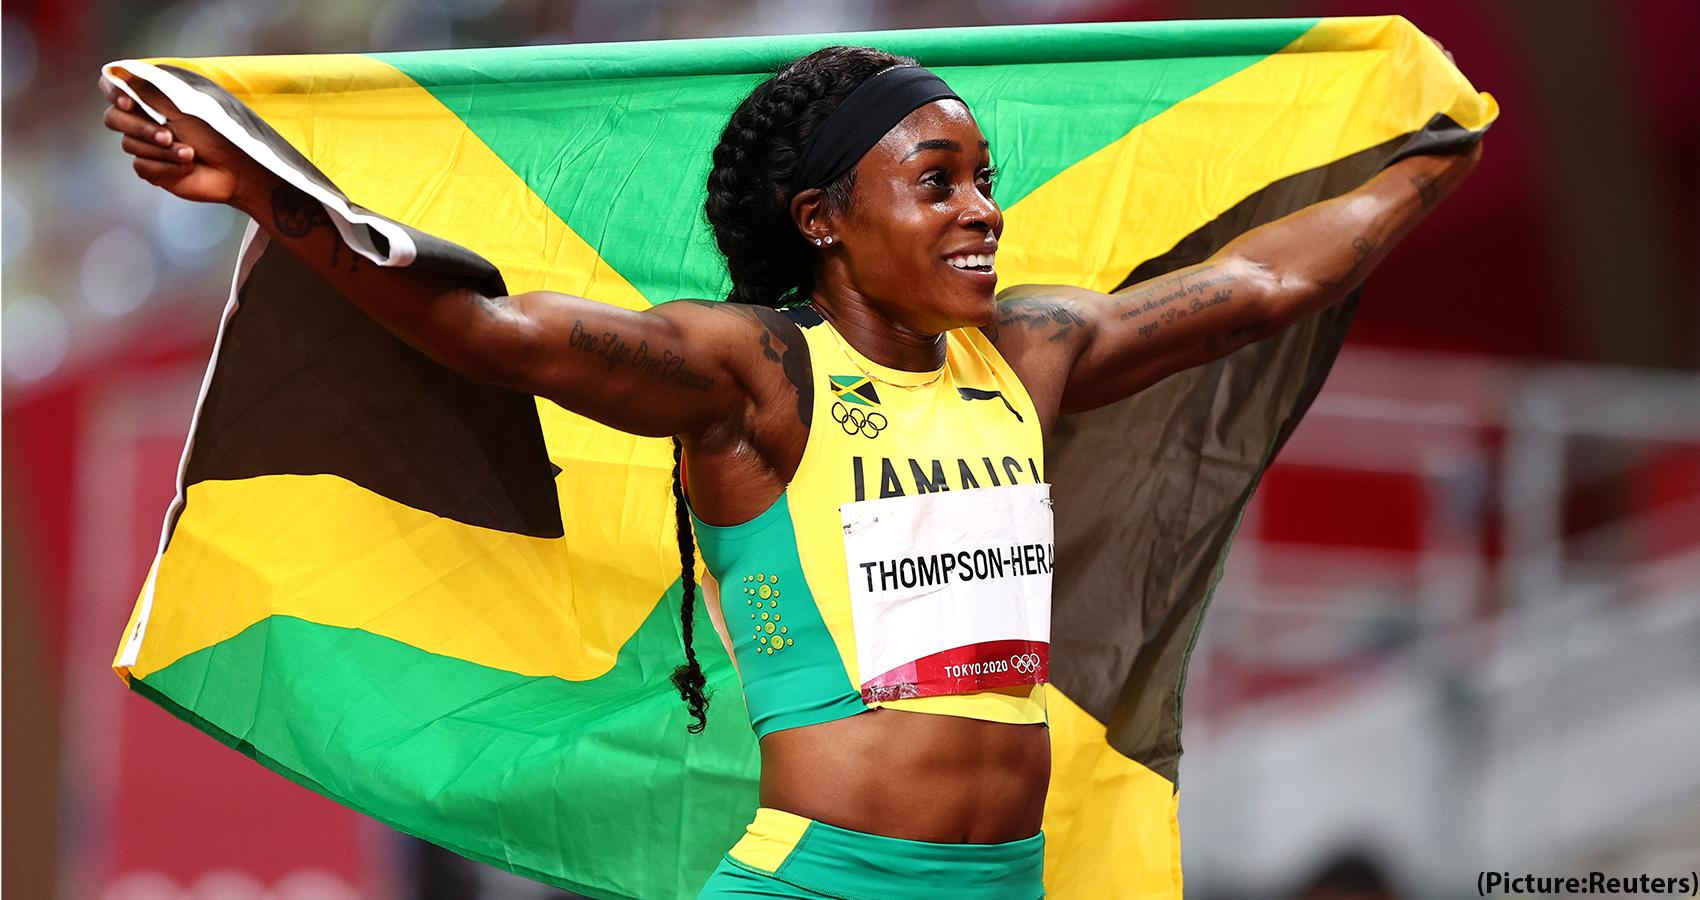 Elaine Thompson-Herah Is Second Fastest Runner In Women's 100m History